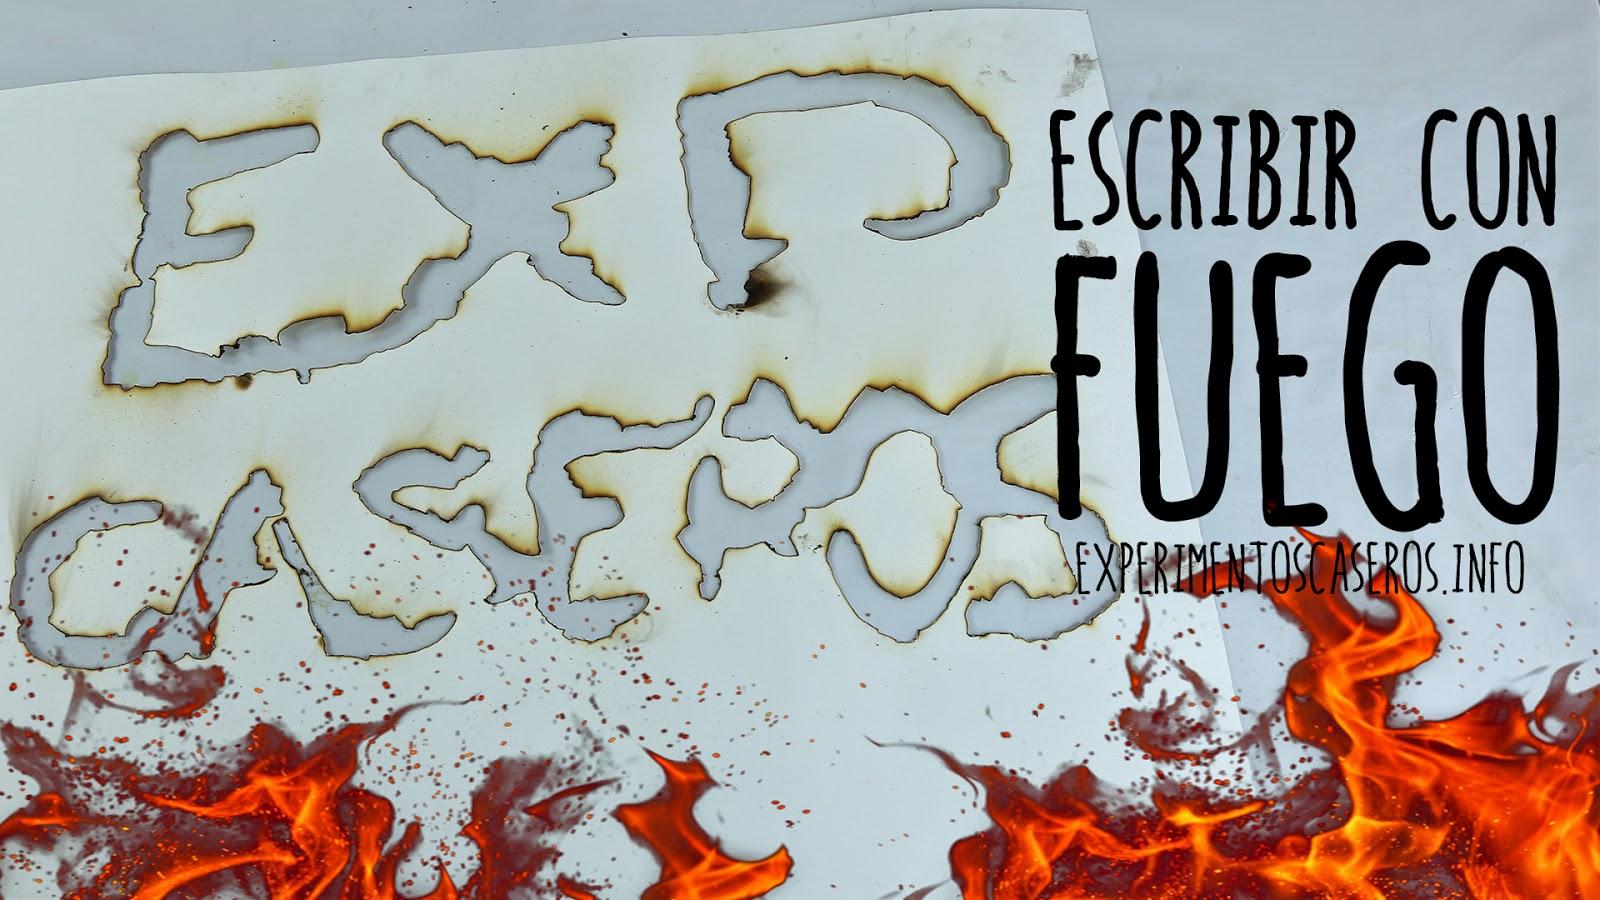 Cómo escribir con fuego, cómo dibujar con fuego, experimentos de física, experimentos de química, experimentos con fuego, experimentos caseros, experimento casero, experimentos sencillos,experimentos, experimento, experimentos para niños, feria de ciencias, ciencia, ciencia, que es ciencia